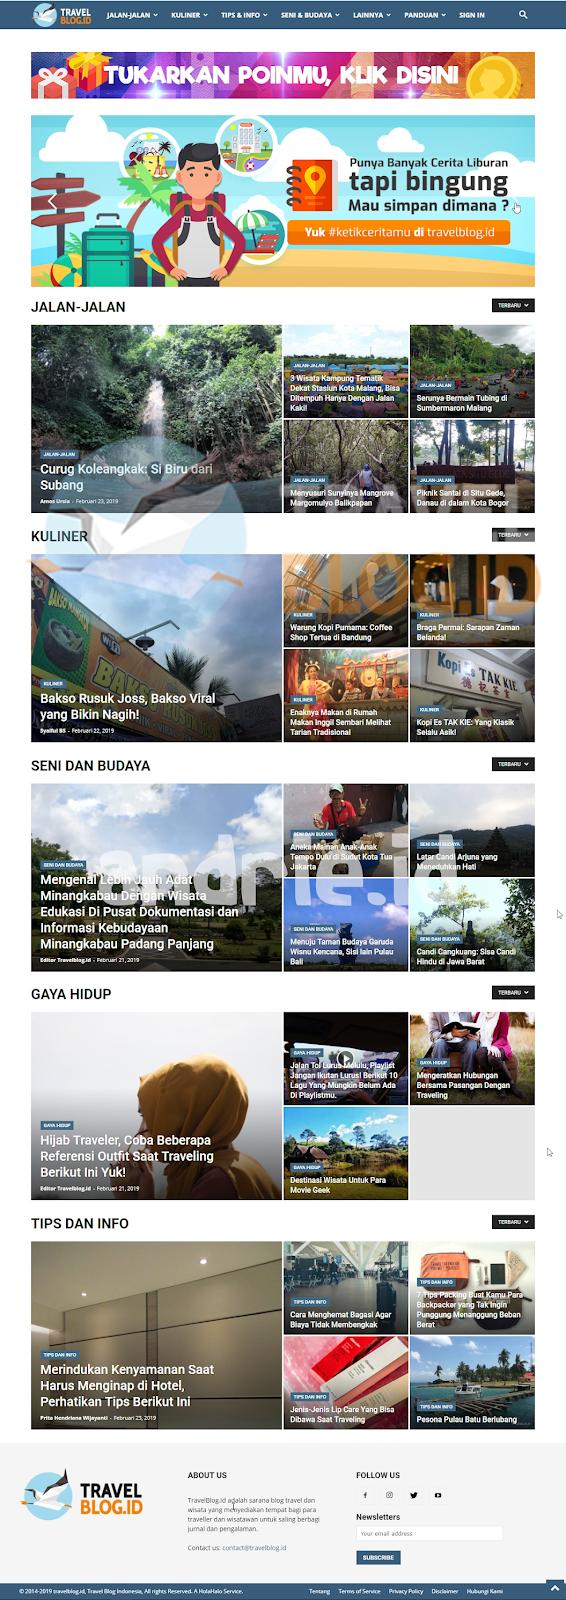 Kategori Tulisan yang ada di TravelBlog.id